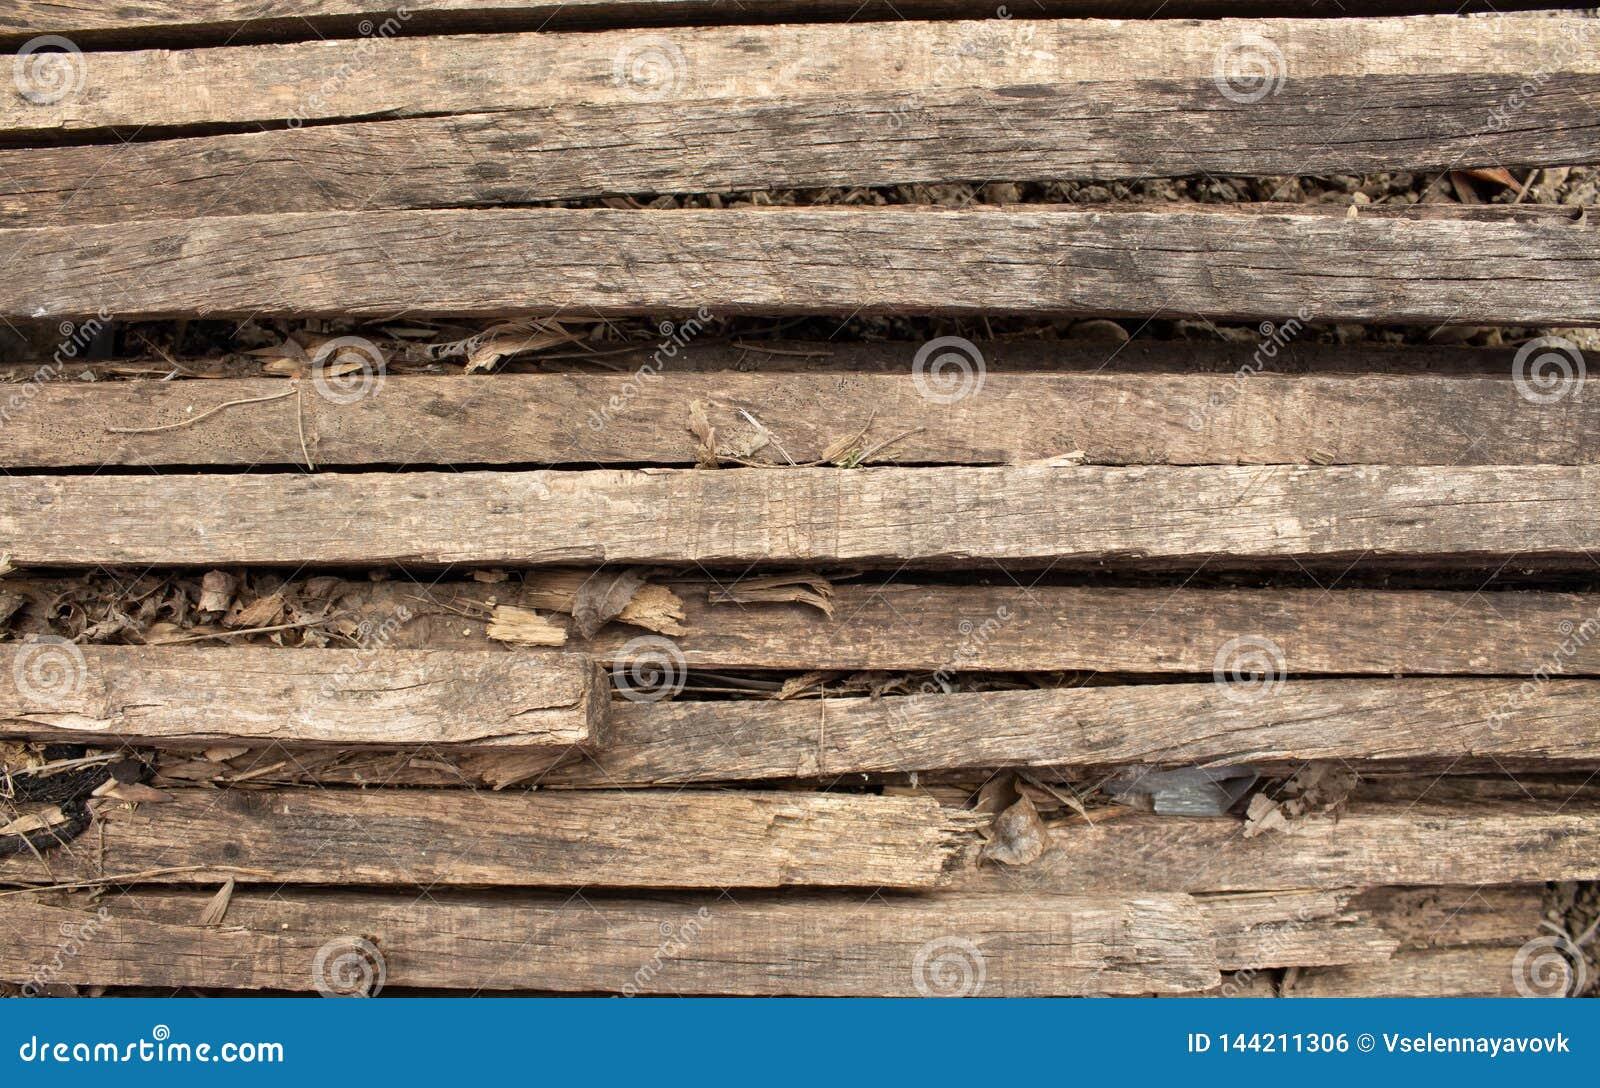 Ξύλινο φυσικό καφετί υπόβαθρο με τα σημάδια και τα σχέδια Ξύλινα slats Μμένο δέντρο